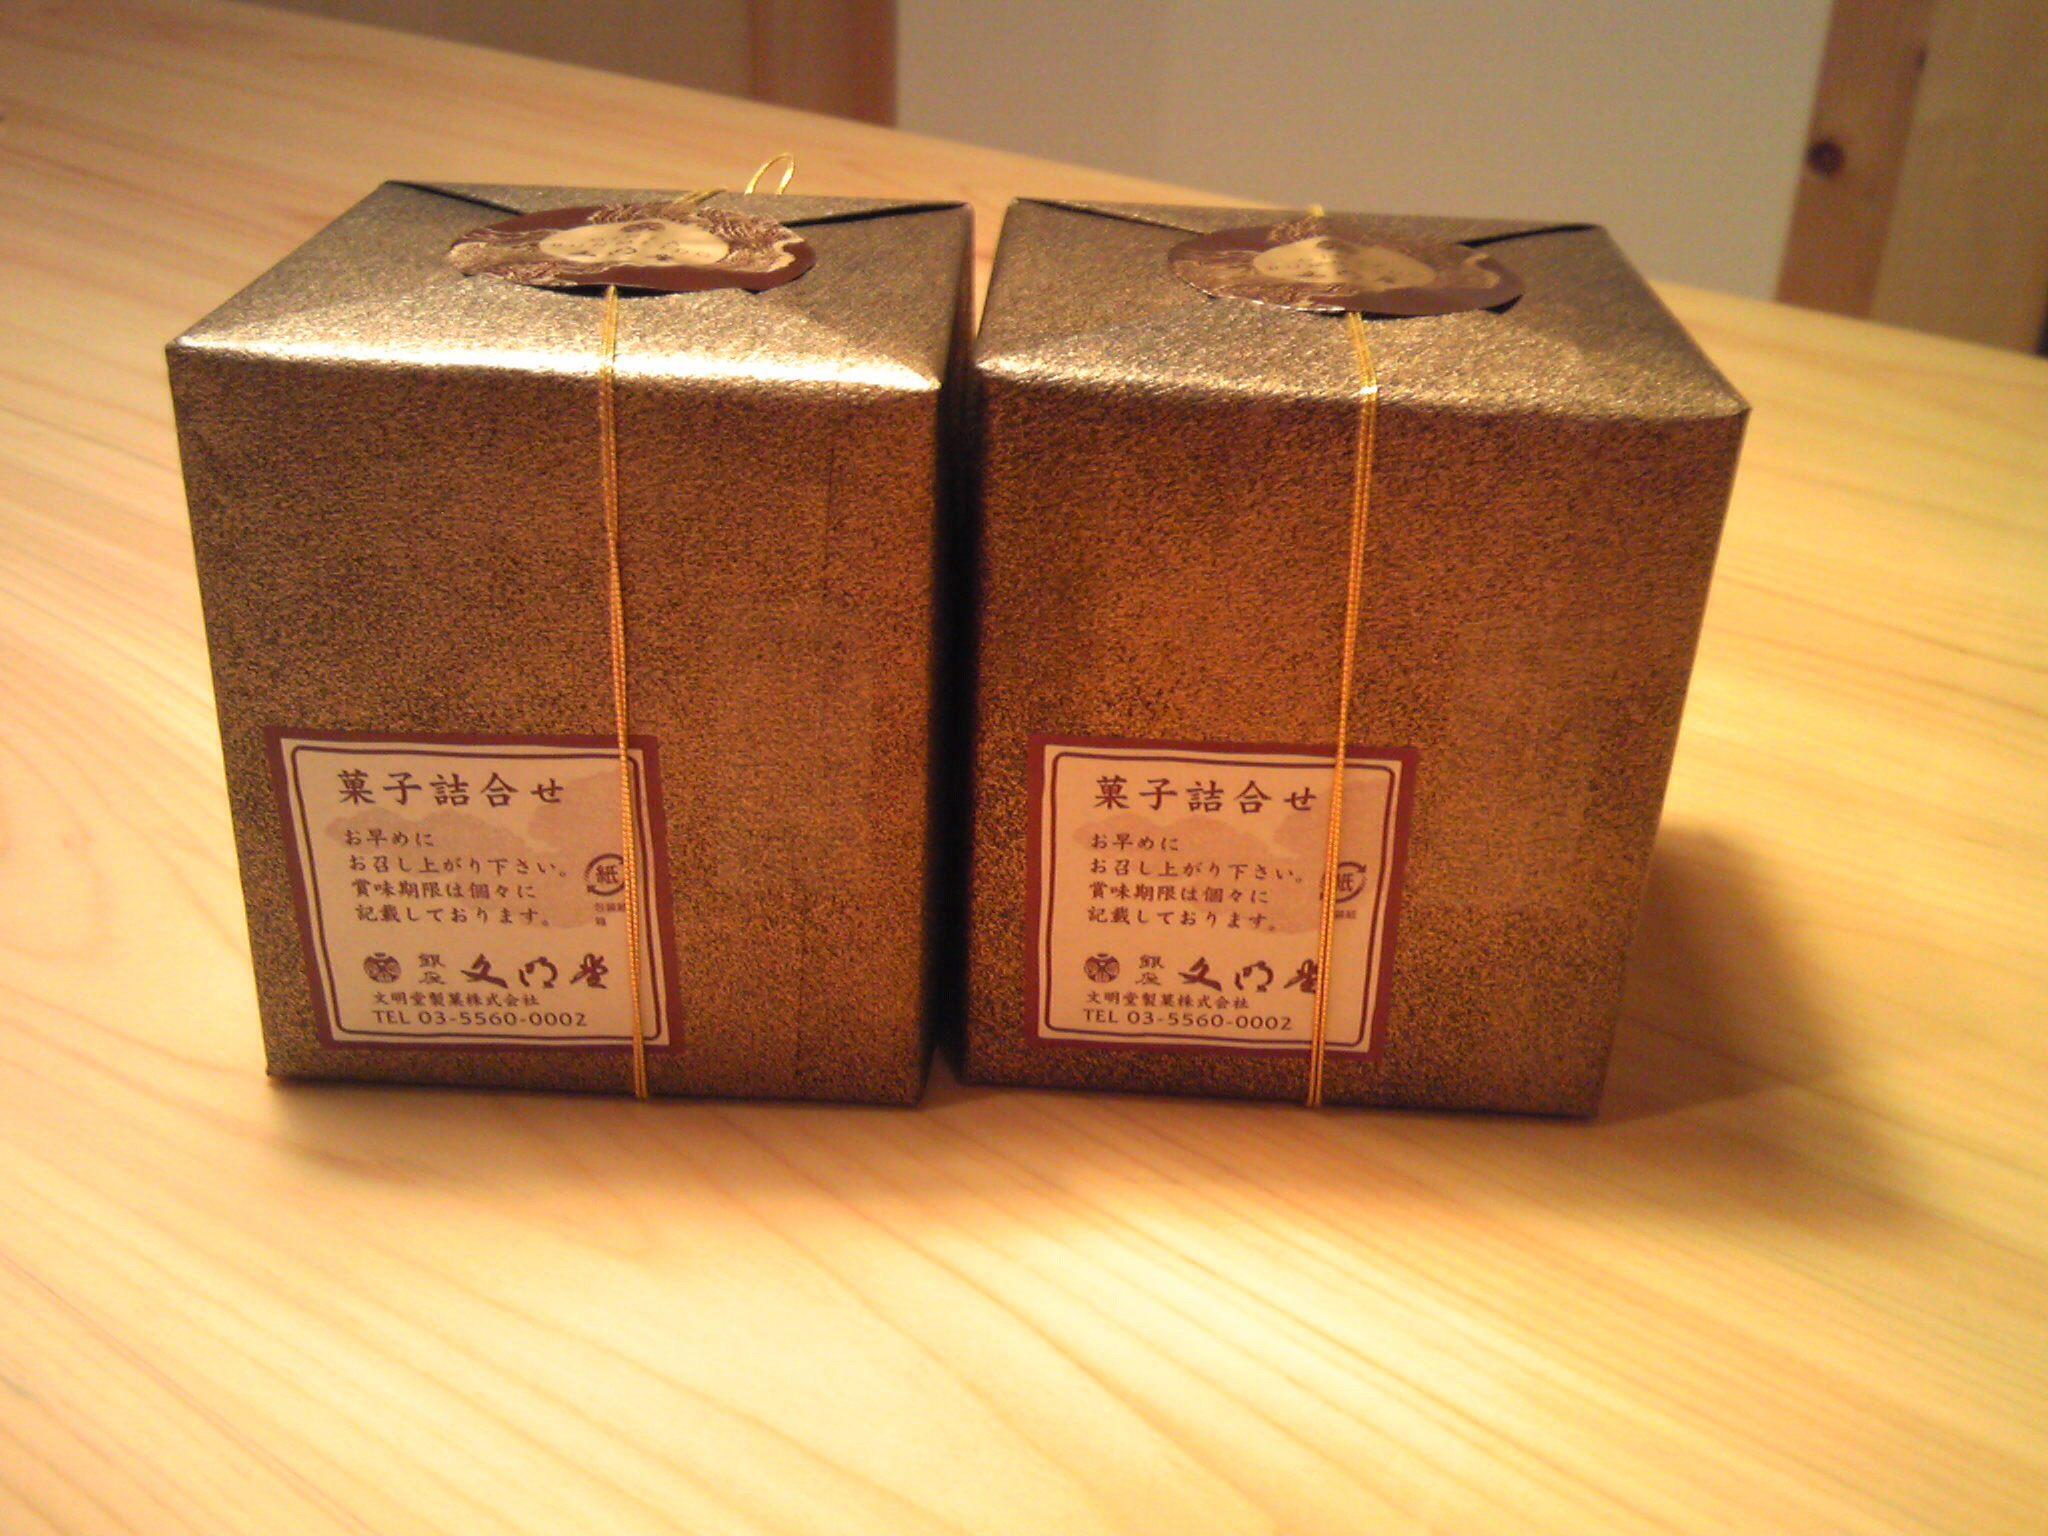 銀座壷焼 発酵バターカステラ_c0234975_7274270.jpg